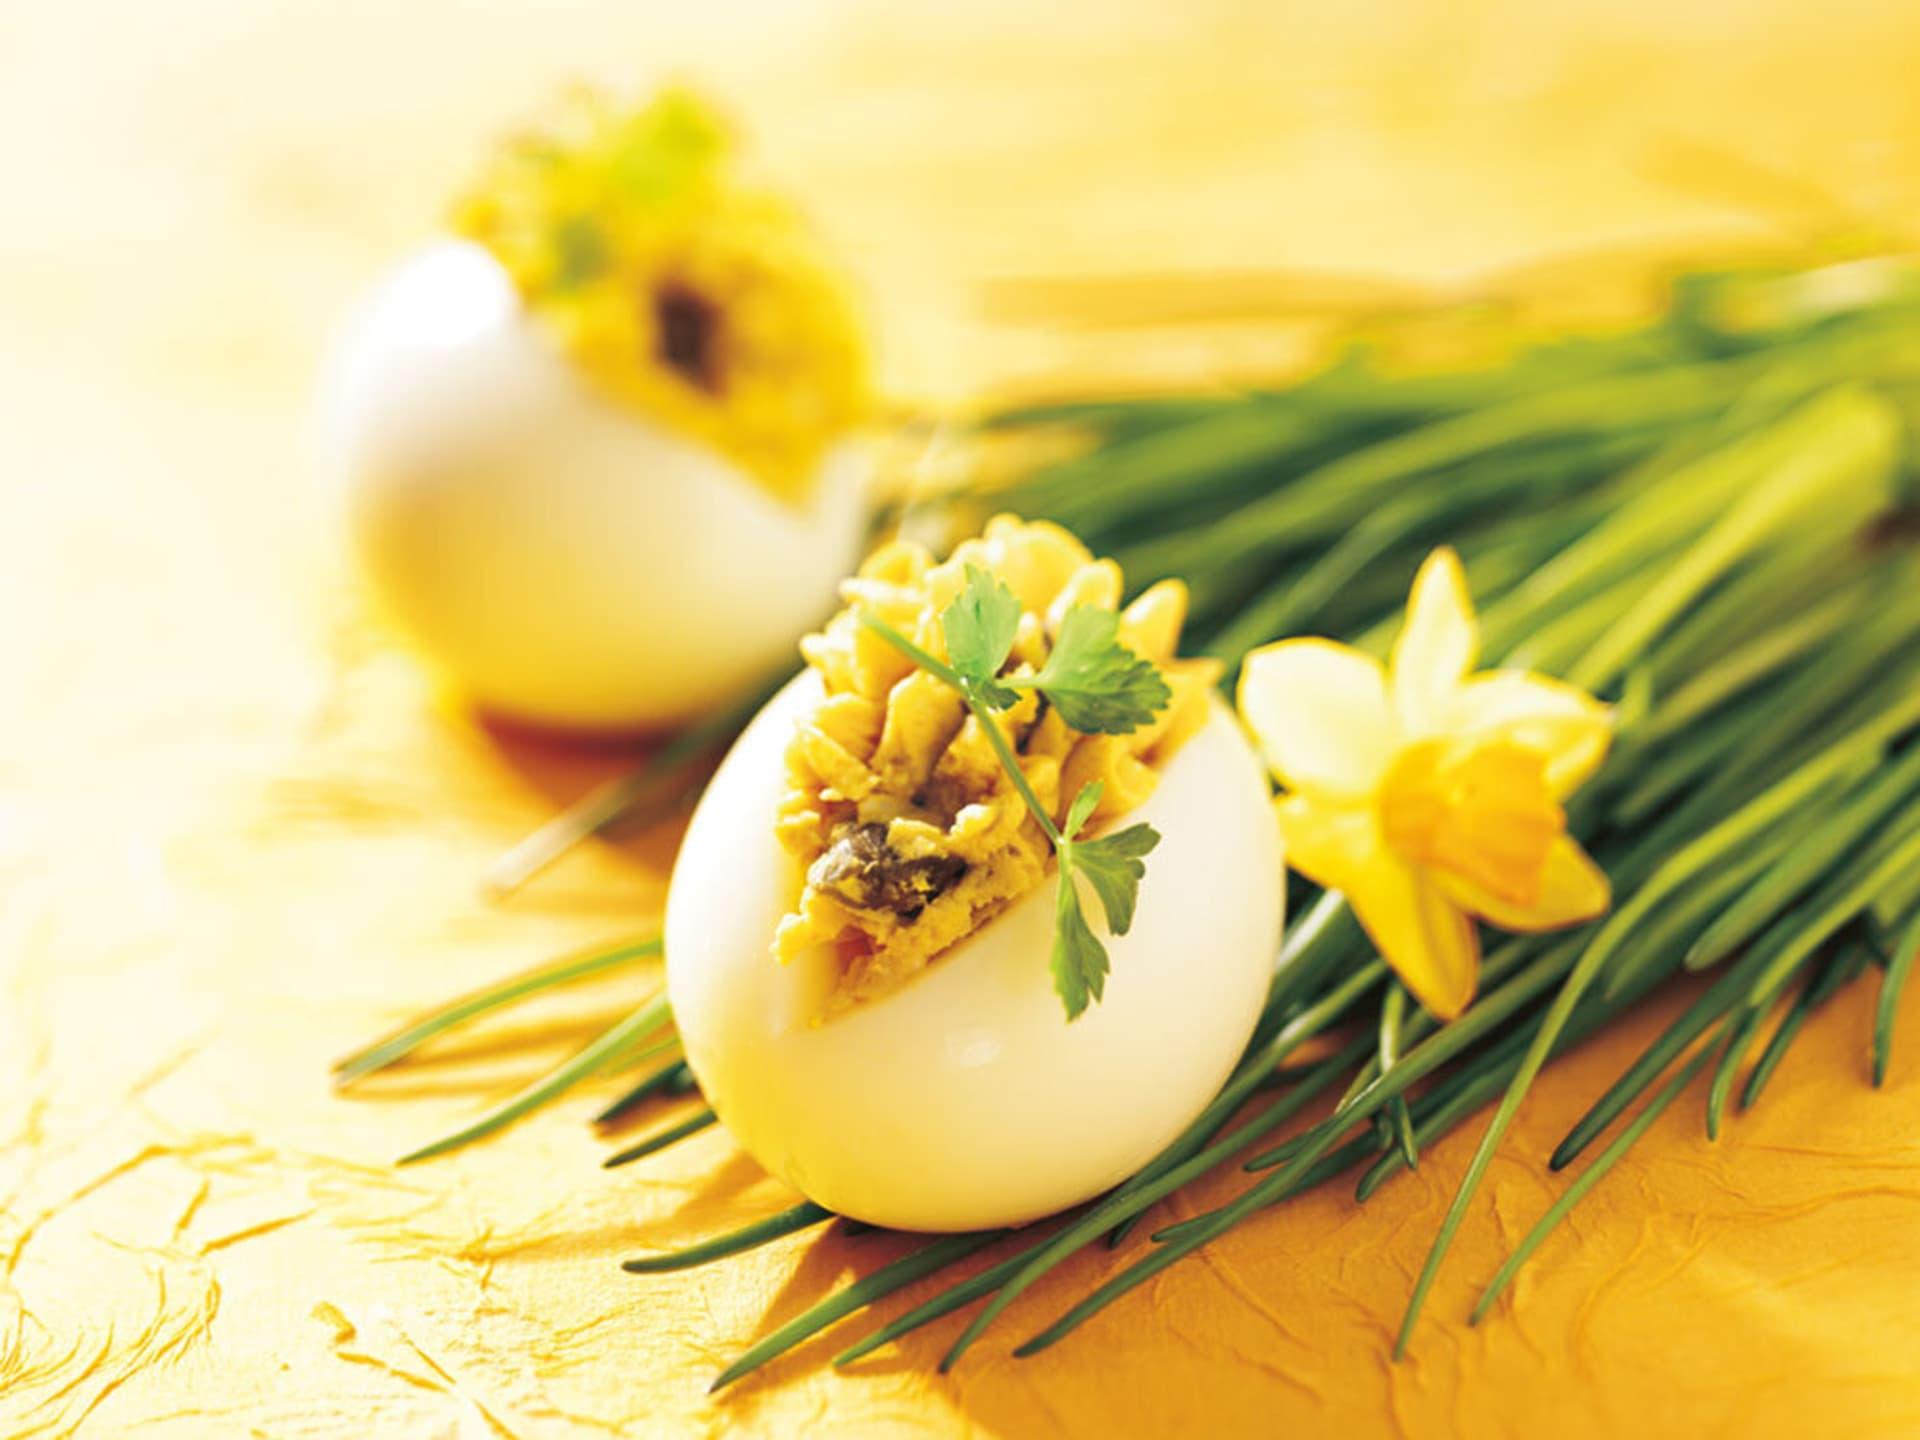 Ein gelbgefülltes aufgeschnittenes Ei auf Schnittlauch